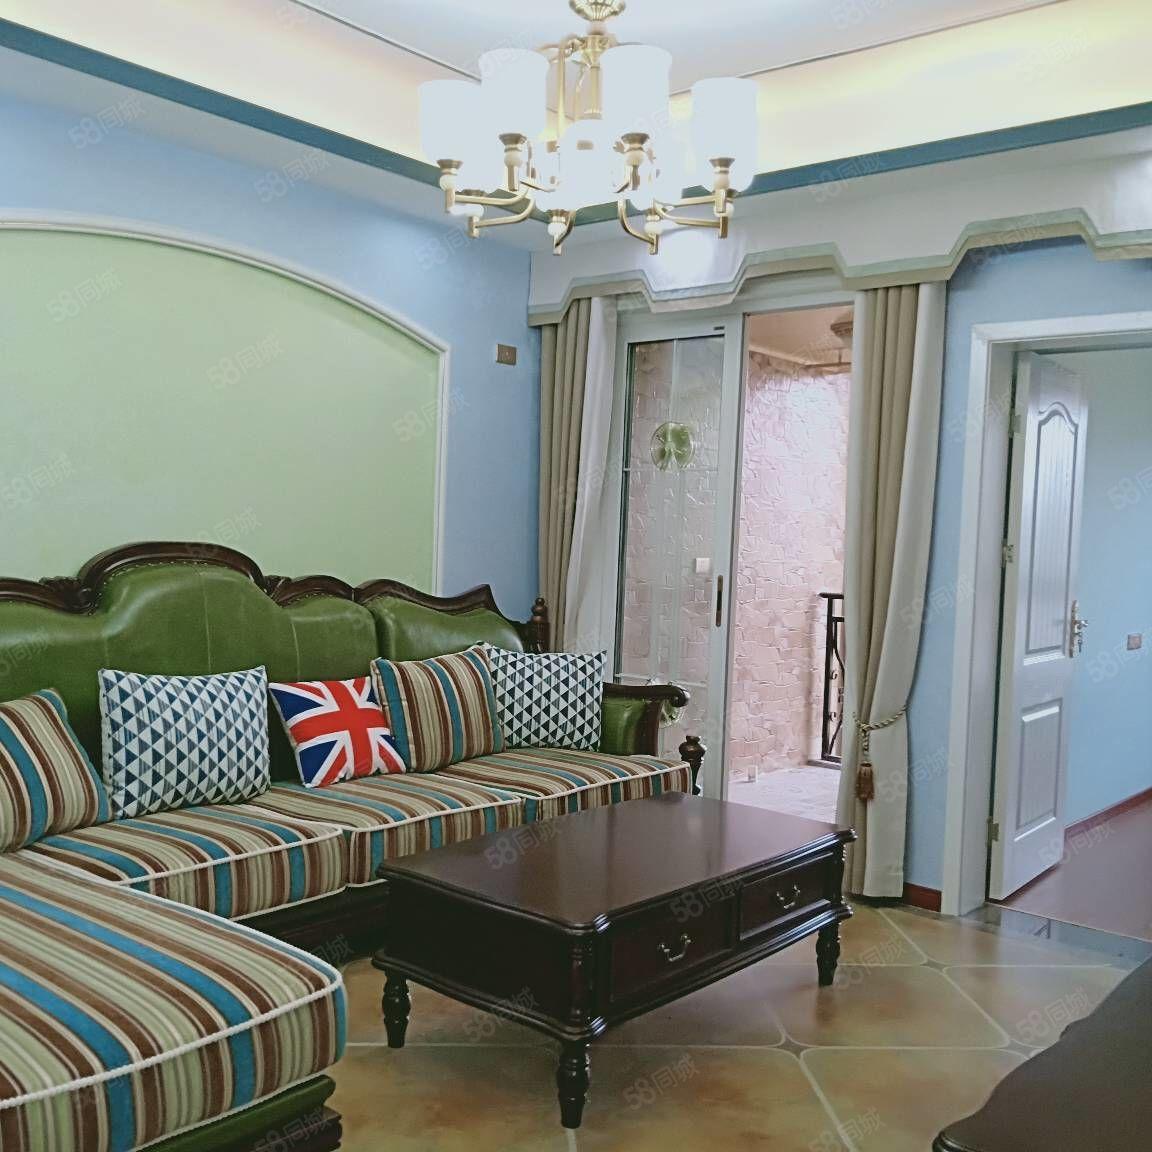 美麗澤京精裝三房,視野開闊,采光好,業主誠心出售,隨時看房